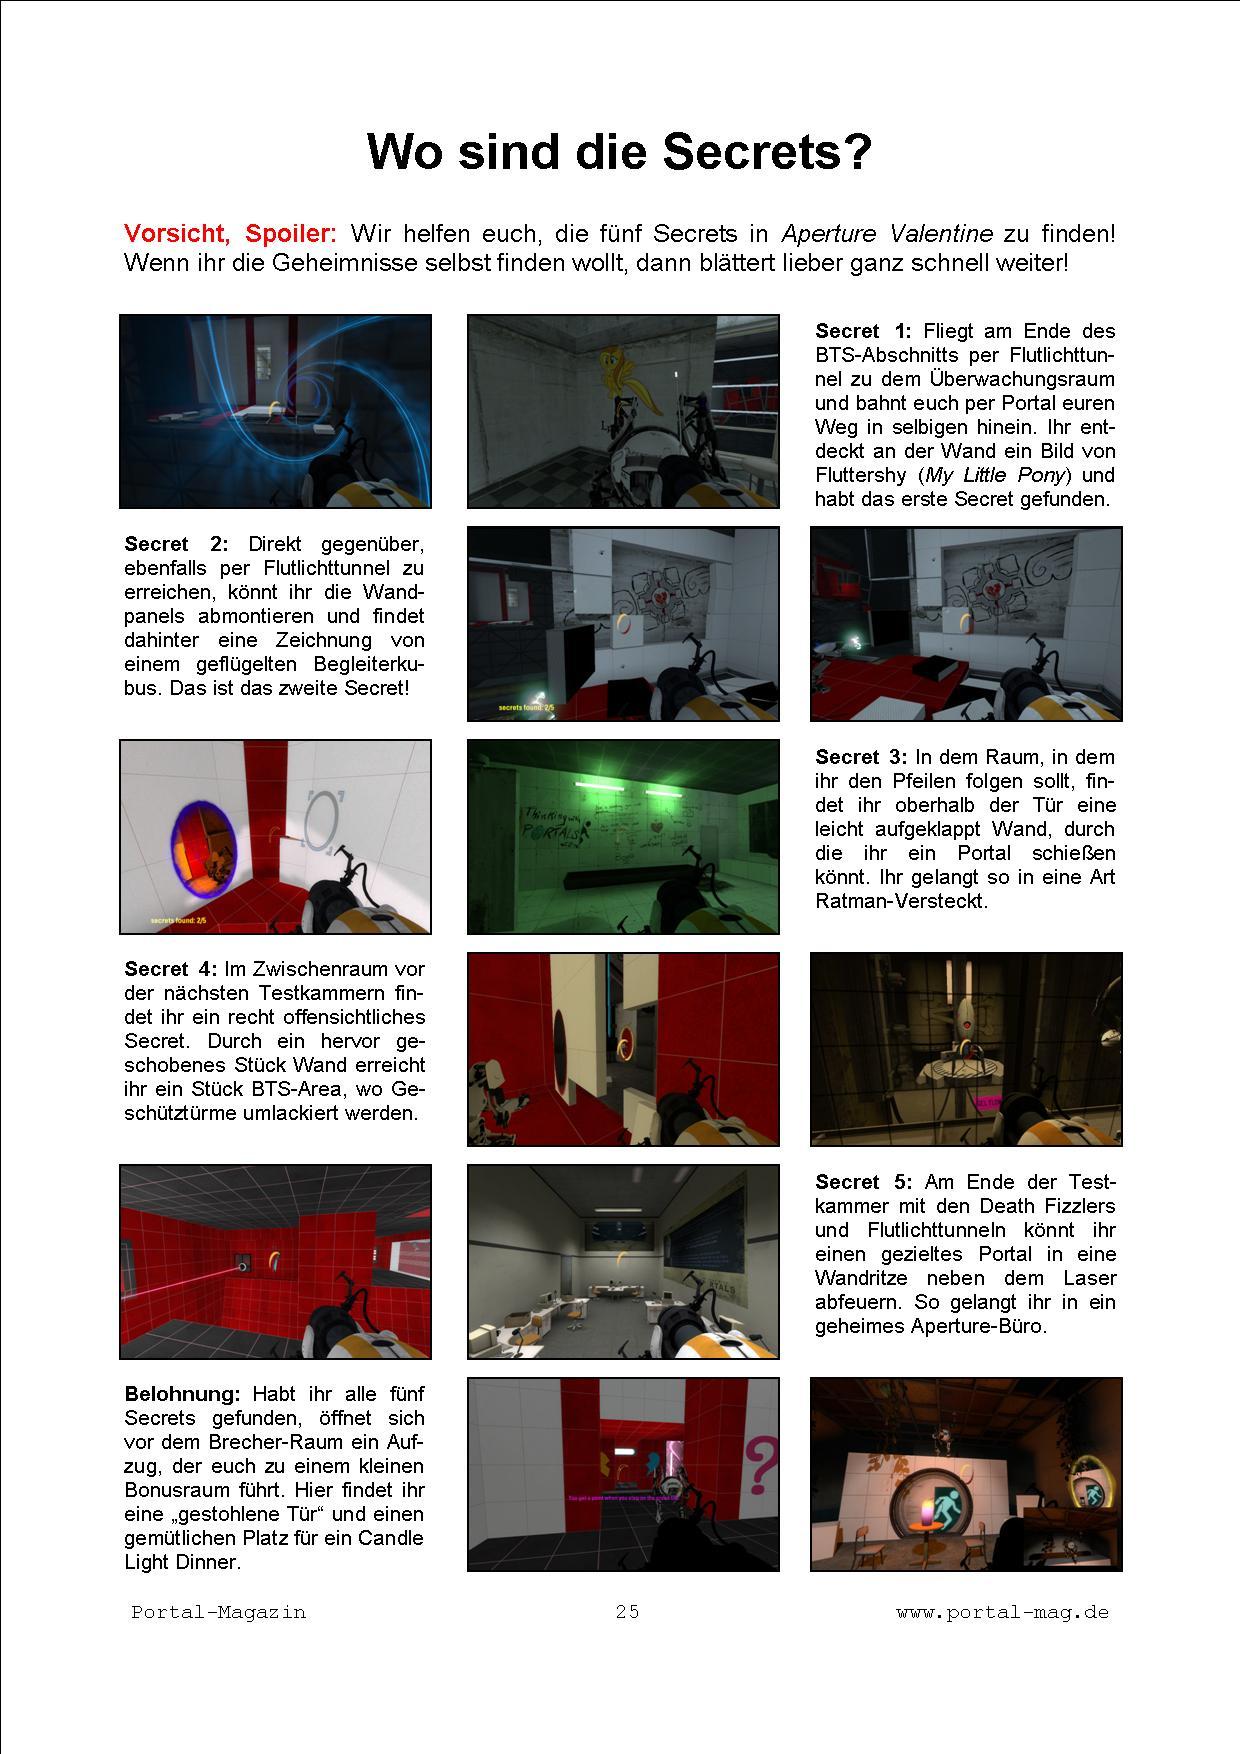 Ausgabe 13, Seite 25